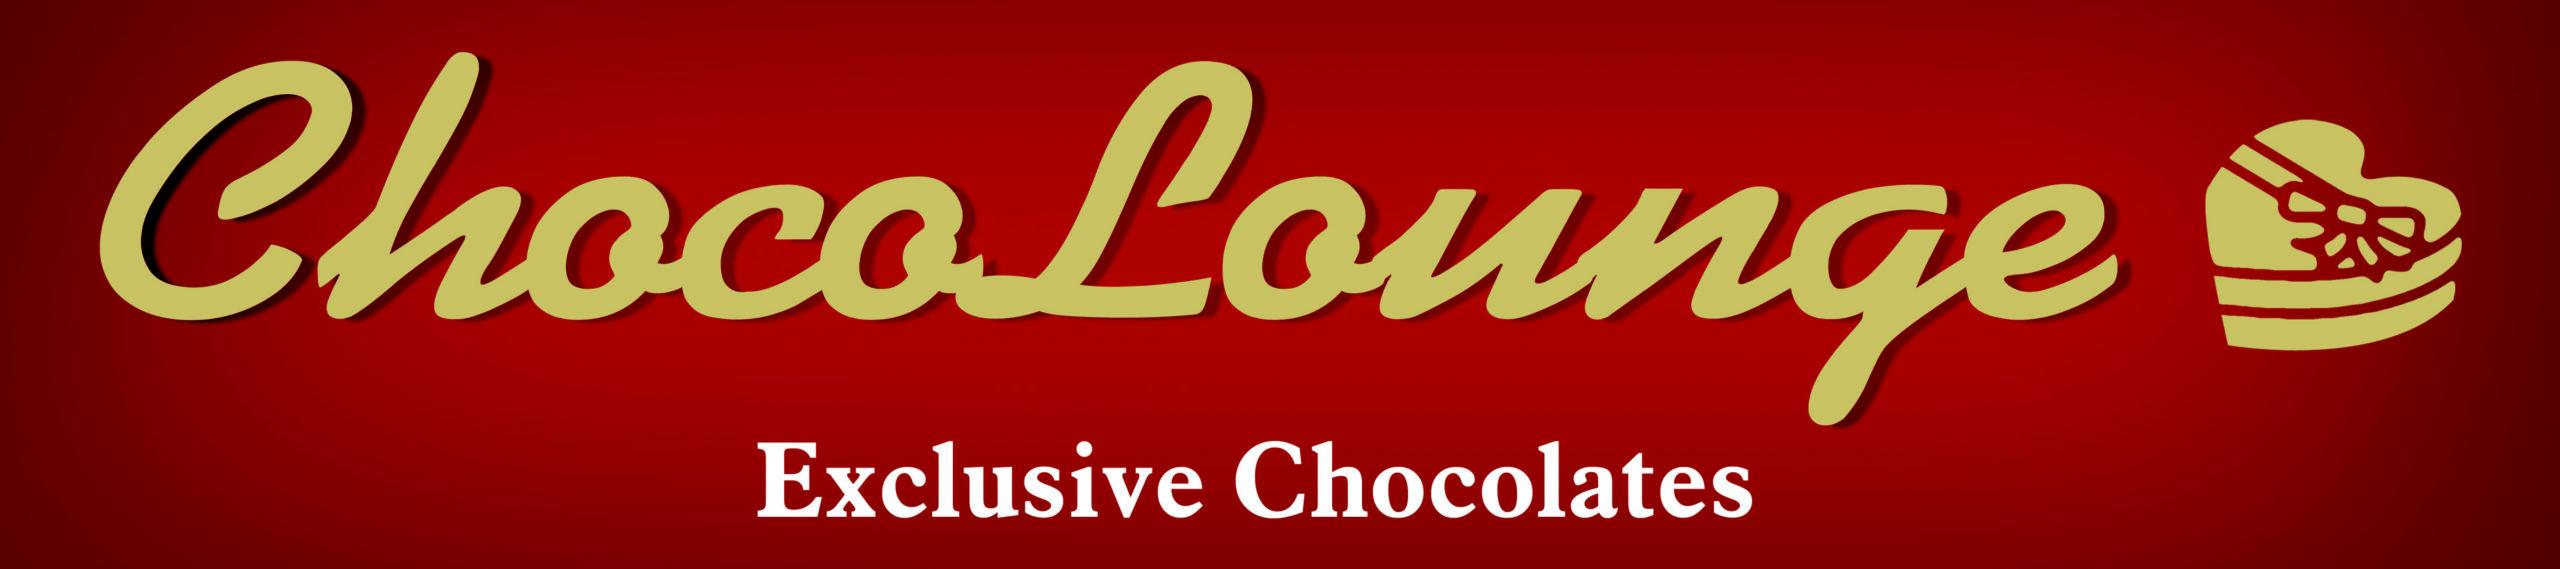 ChocoLounge Logo